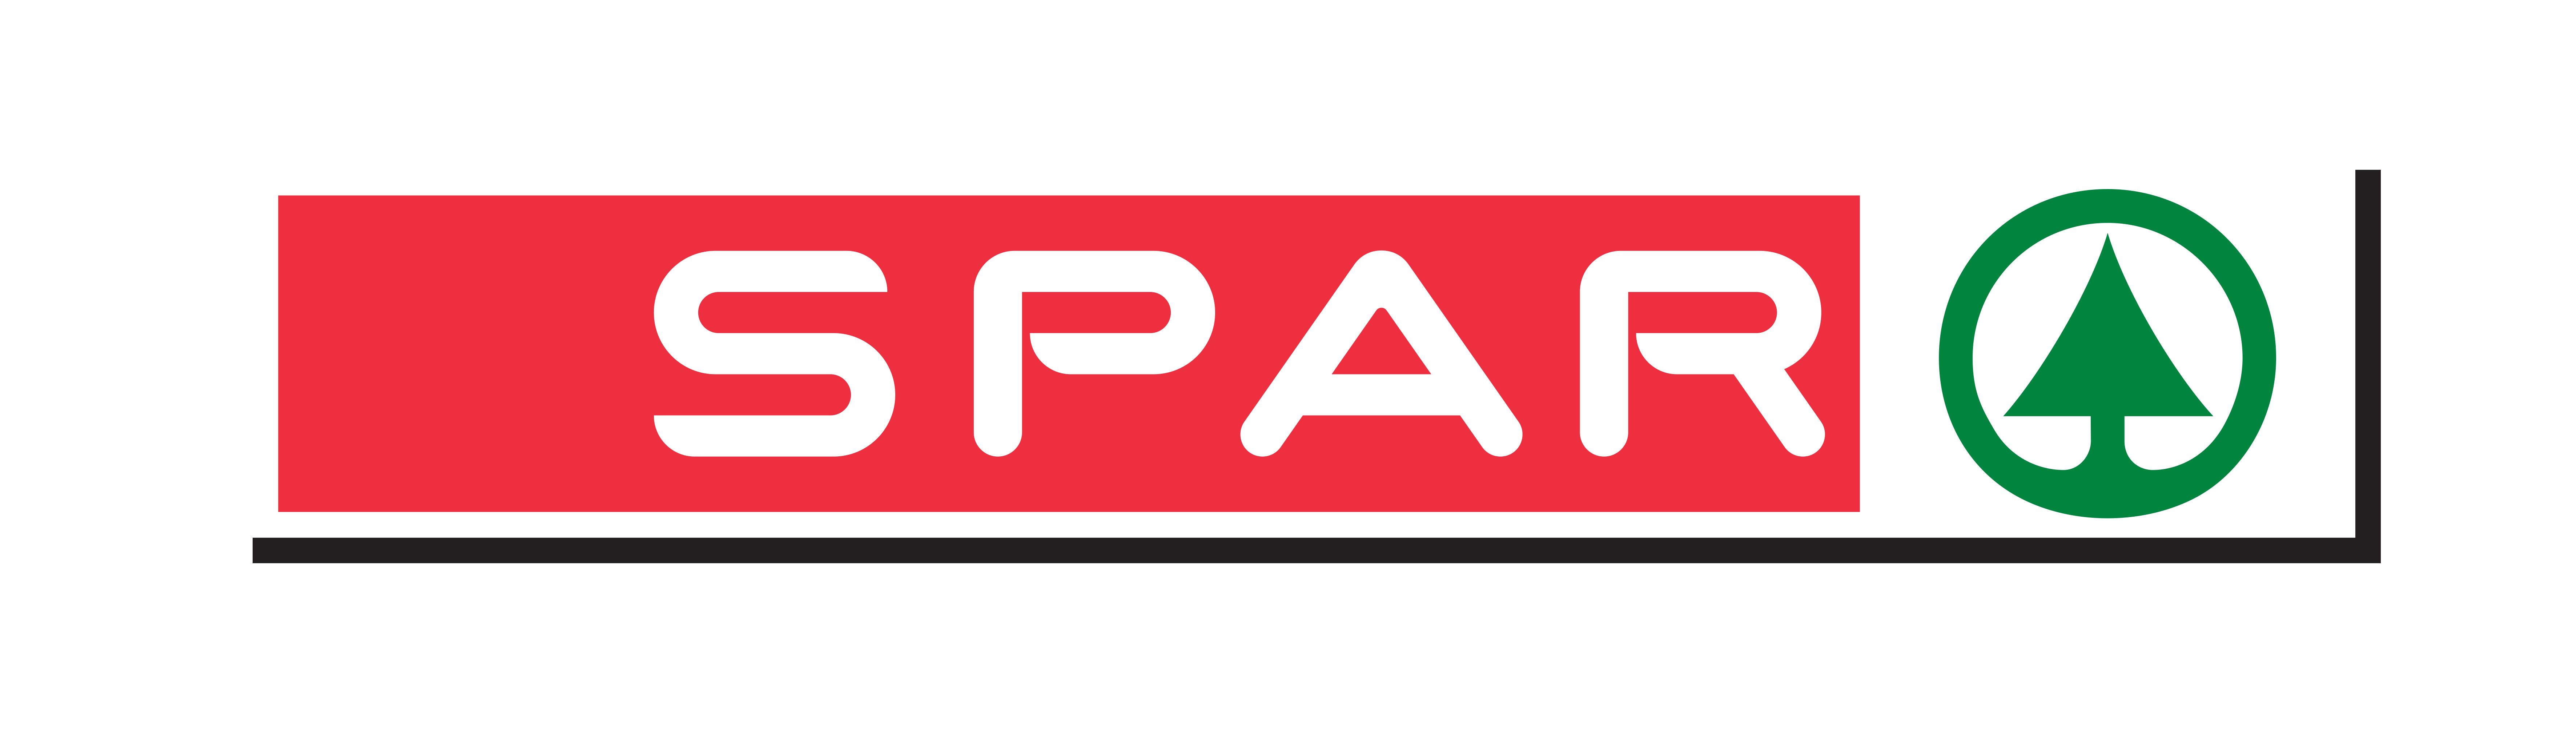 SPAR Kasselsvlei